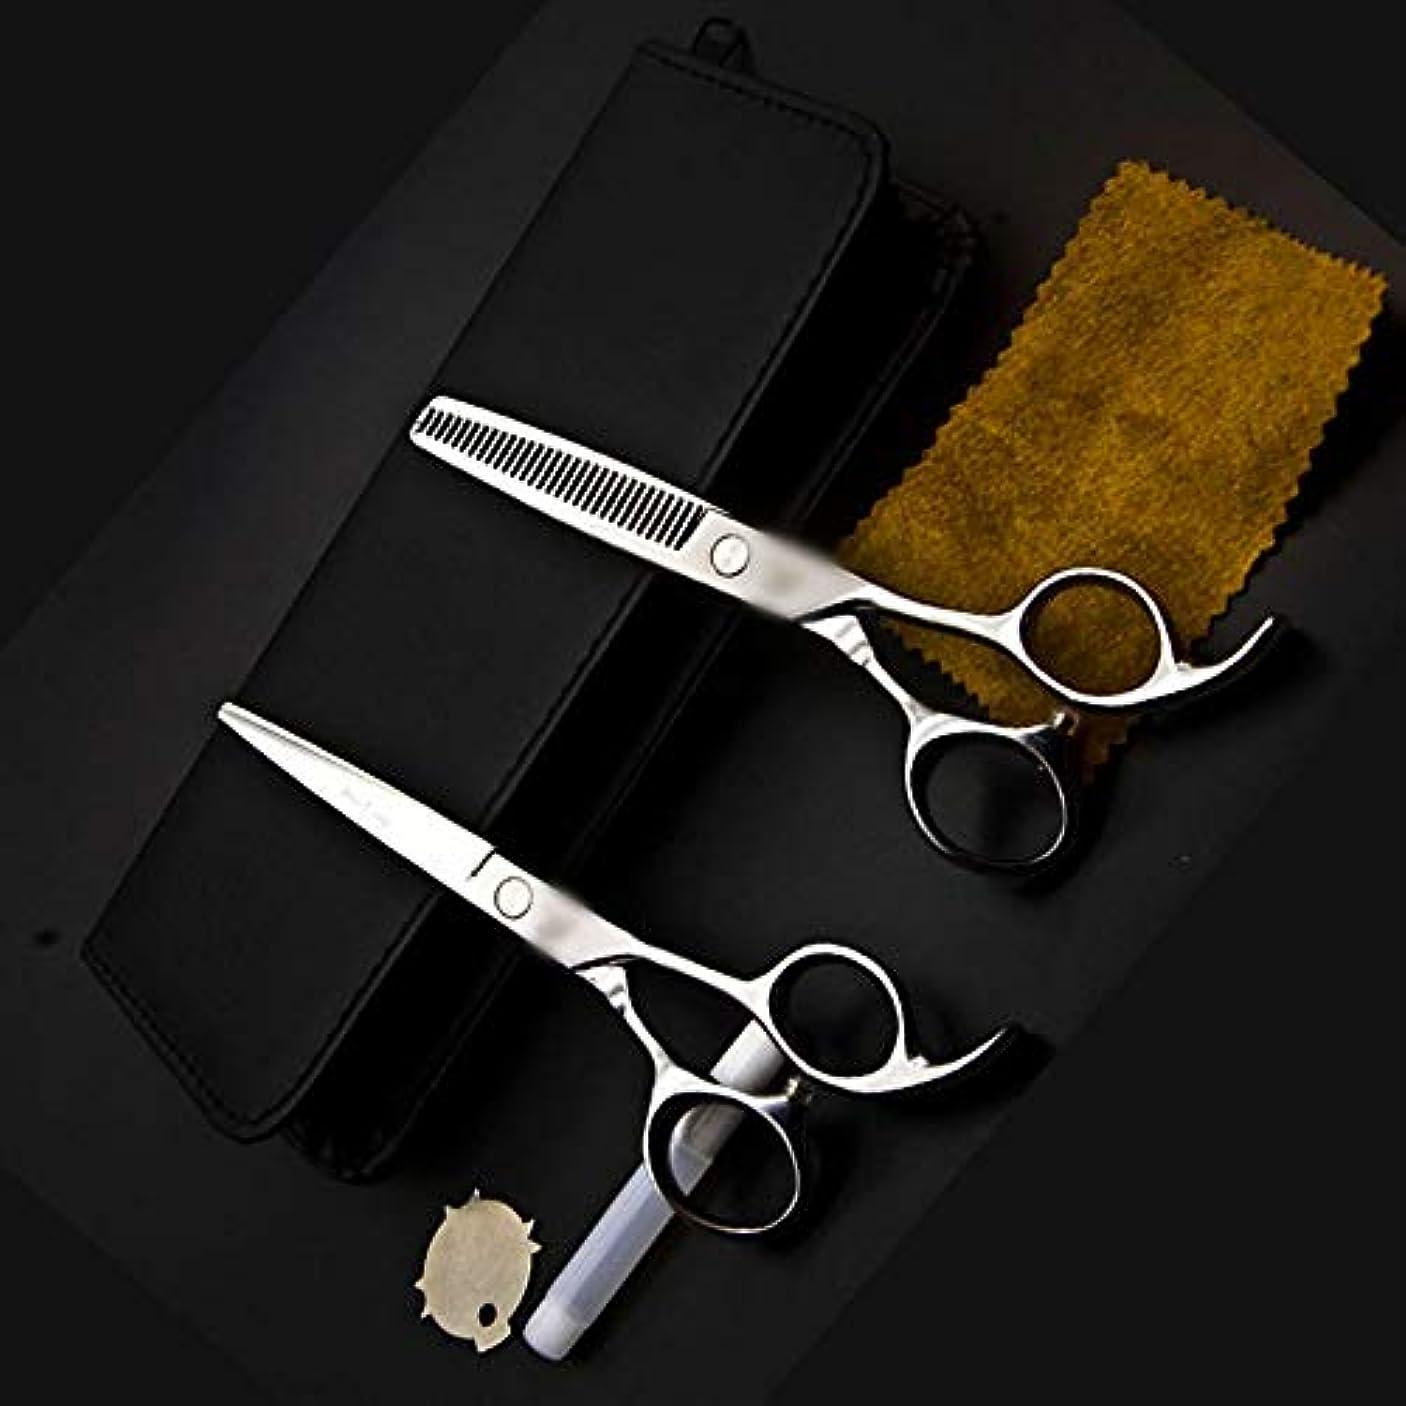 ローンアシスト芸術的Goodsok-jp 6インチの美容院の専門の理髪セット理髪はさみセット (色 : Silver)